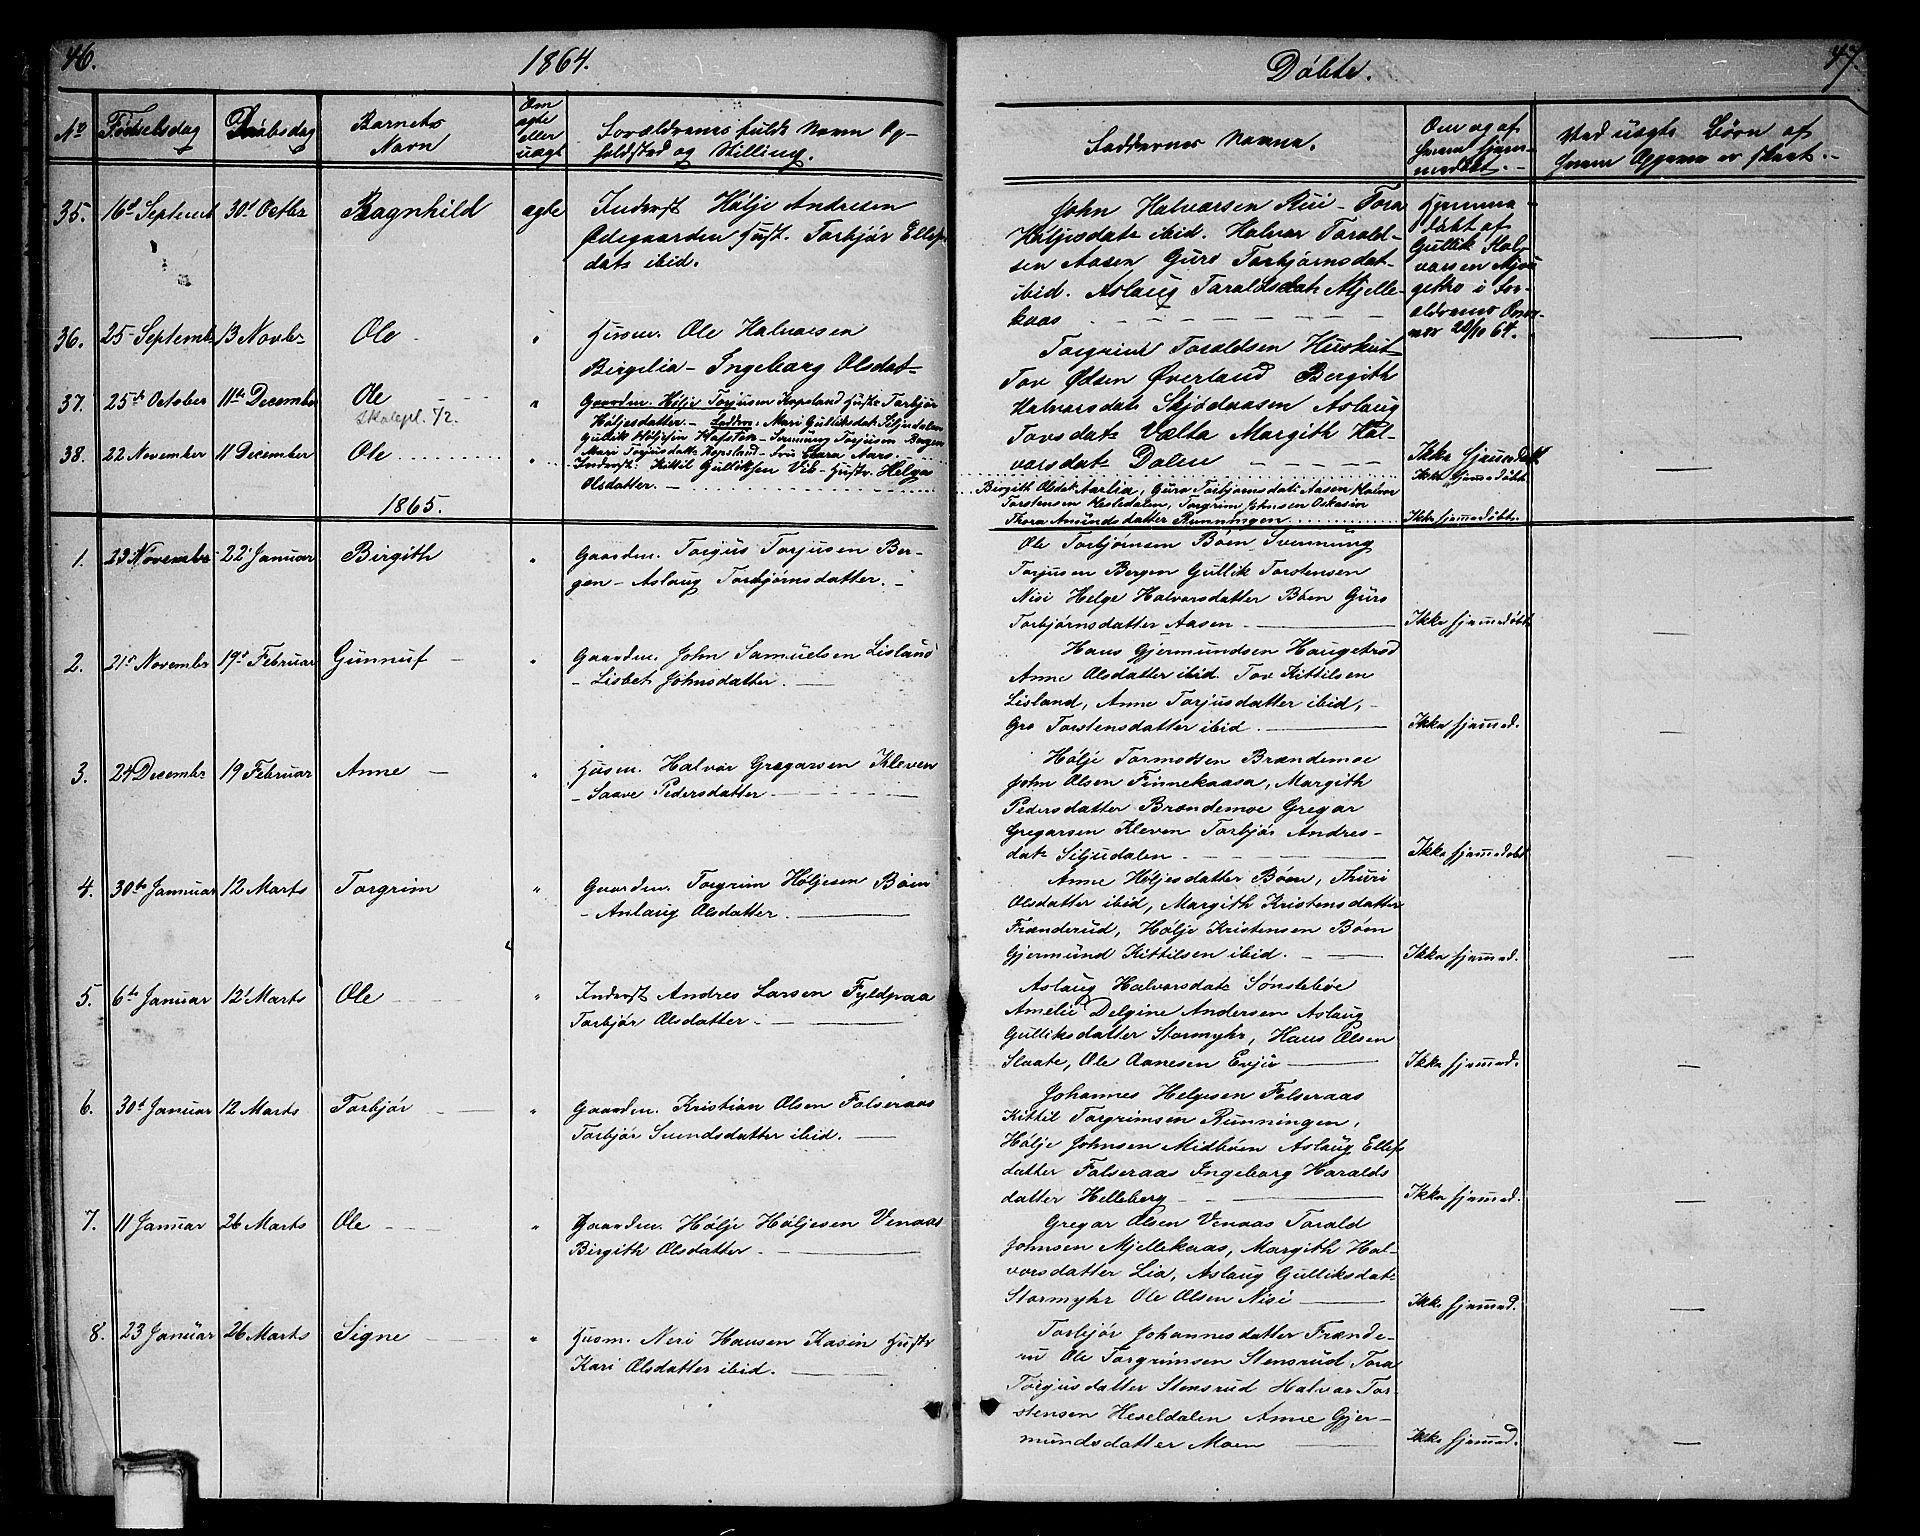 SAKO, Gransherad kirkebøker, G/Ga/L0002: Klokkerbok nr. I 2, 1854-1886, s. 46-47